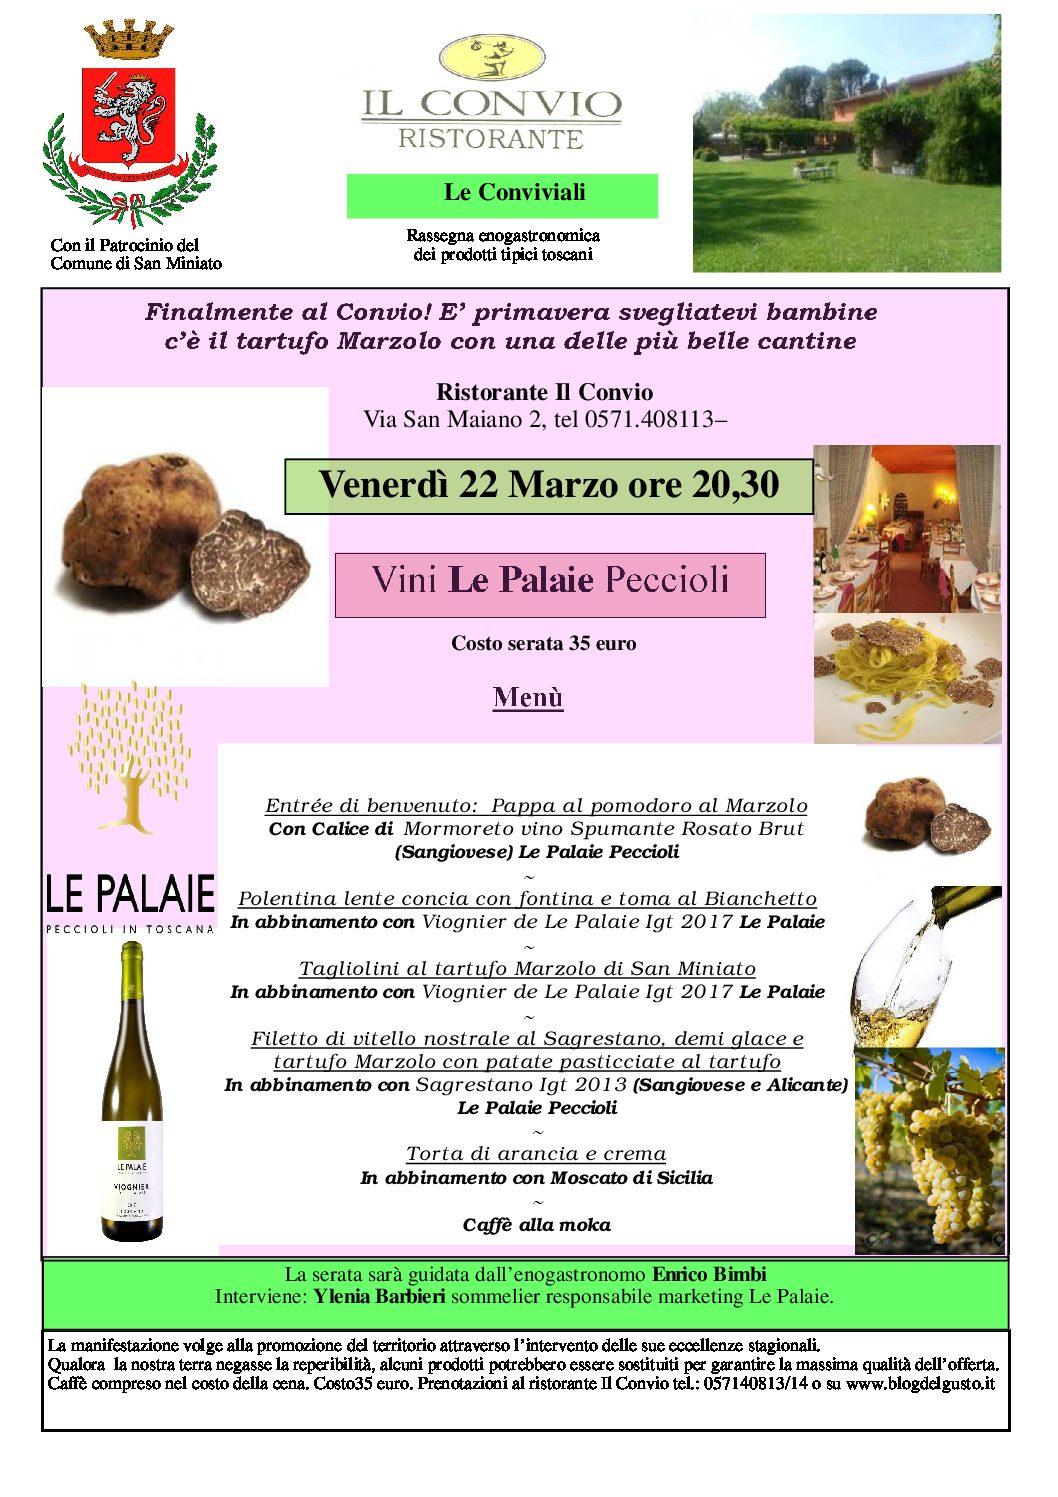 IL tartufo Marzolo per una super serata al Convio con i grandi vini de Le Palaie